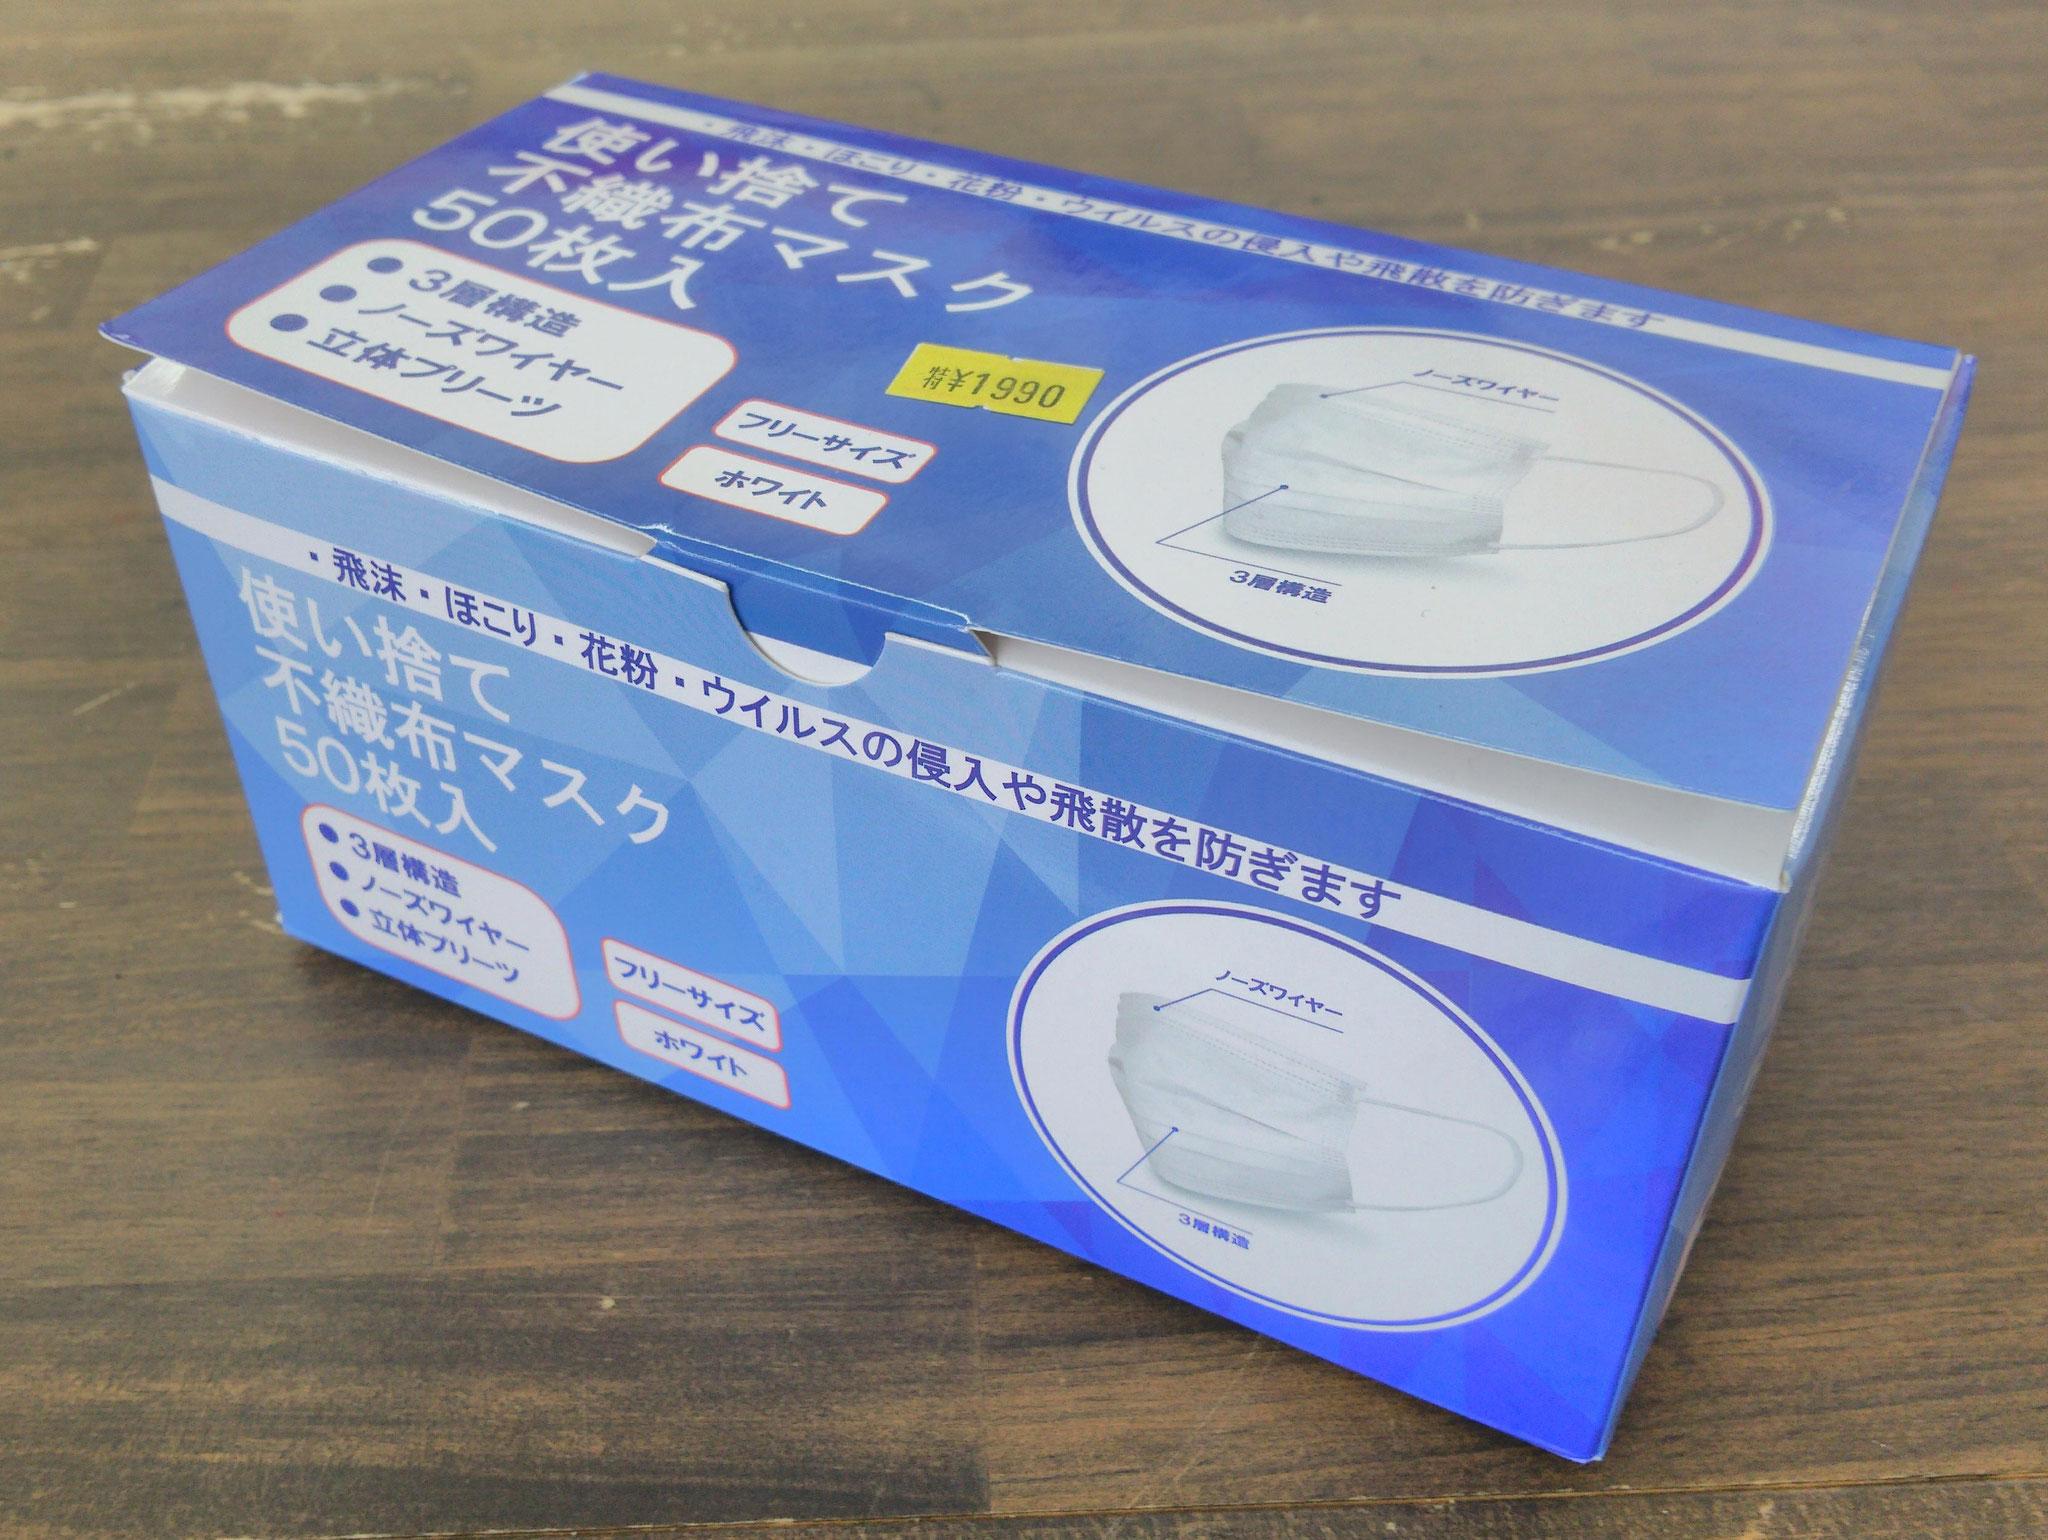 ほぼ原価マスク50枚入¥1,990(税込)